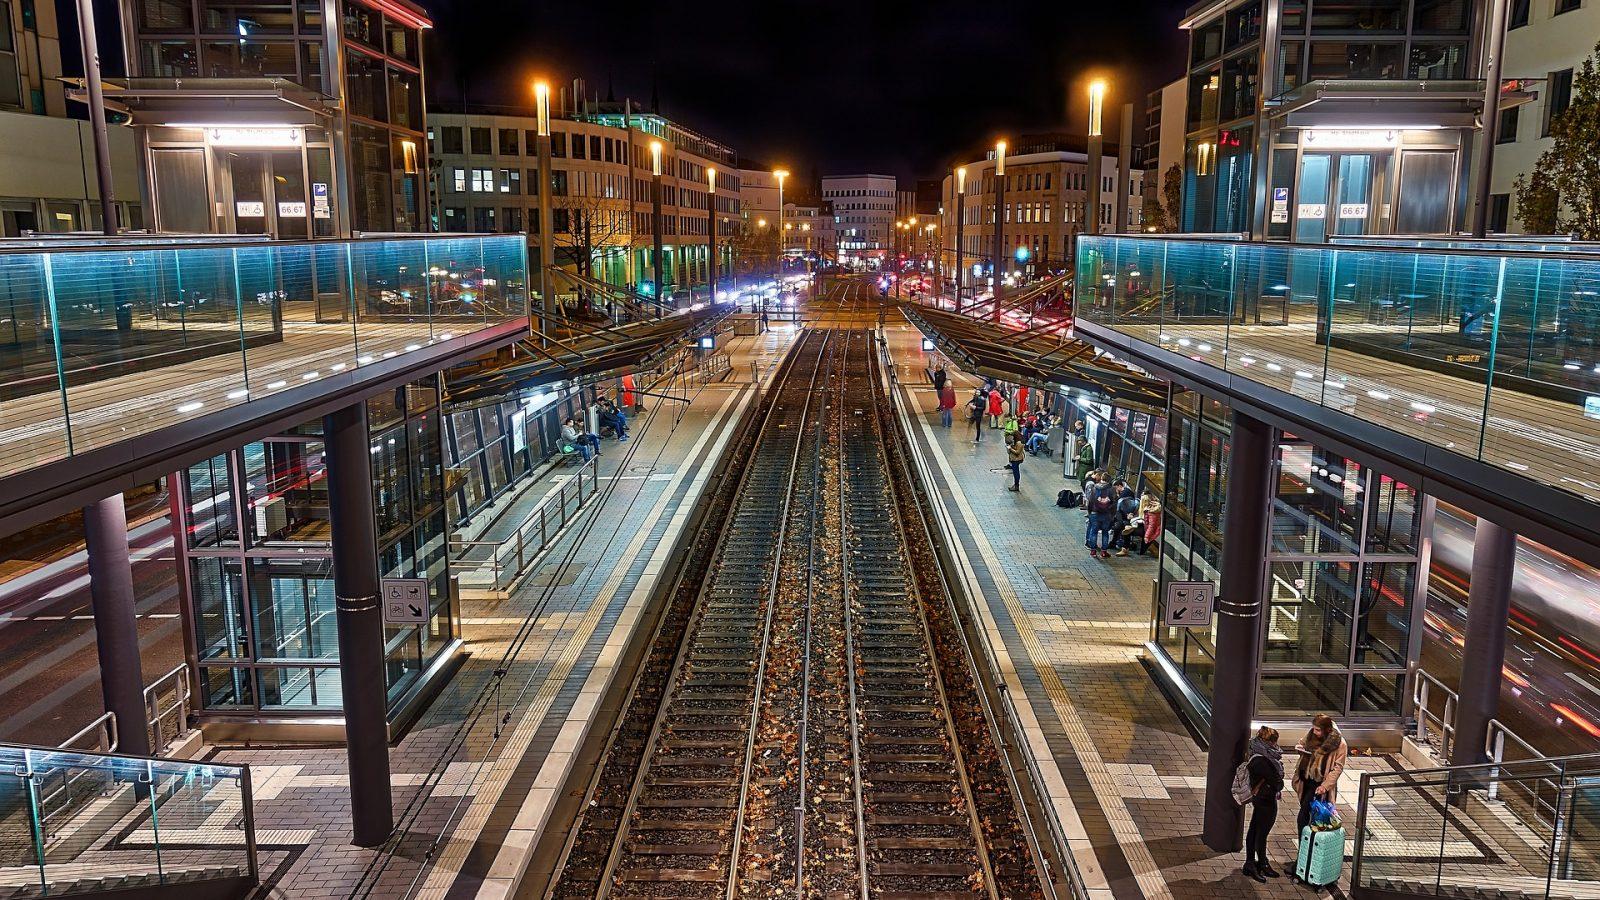 Hotel Bonn Staedtereise Strassenbahn